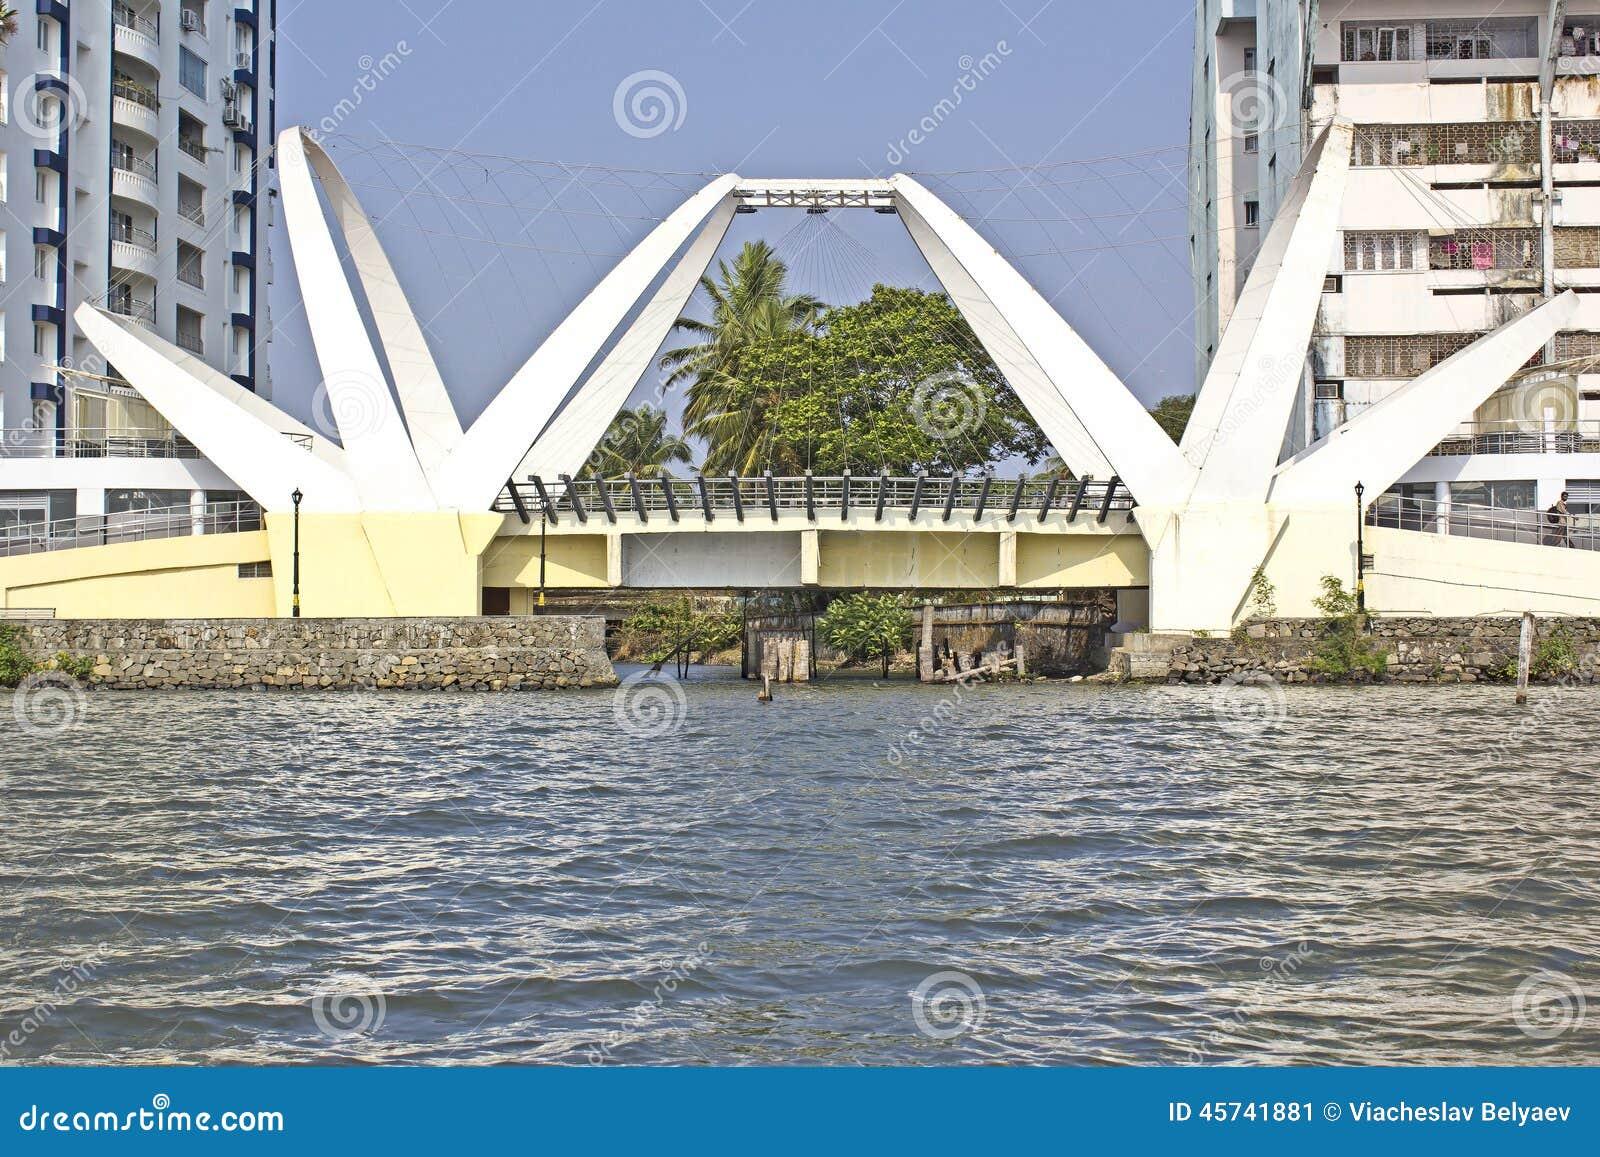 Ernakulam India  city images : ... 2014, ERNAKULAM, KERALA, INDIA Bridge at the Ernakulam embankment